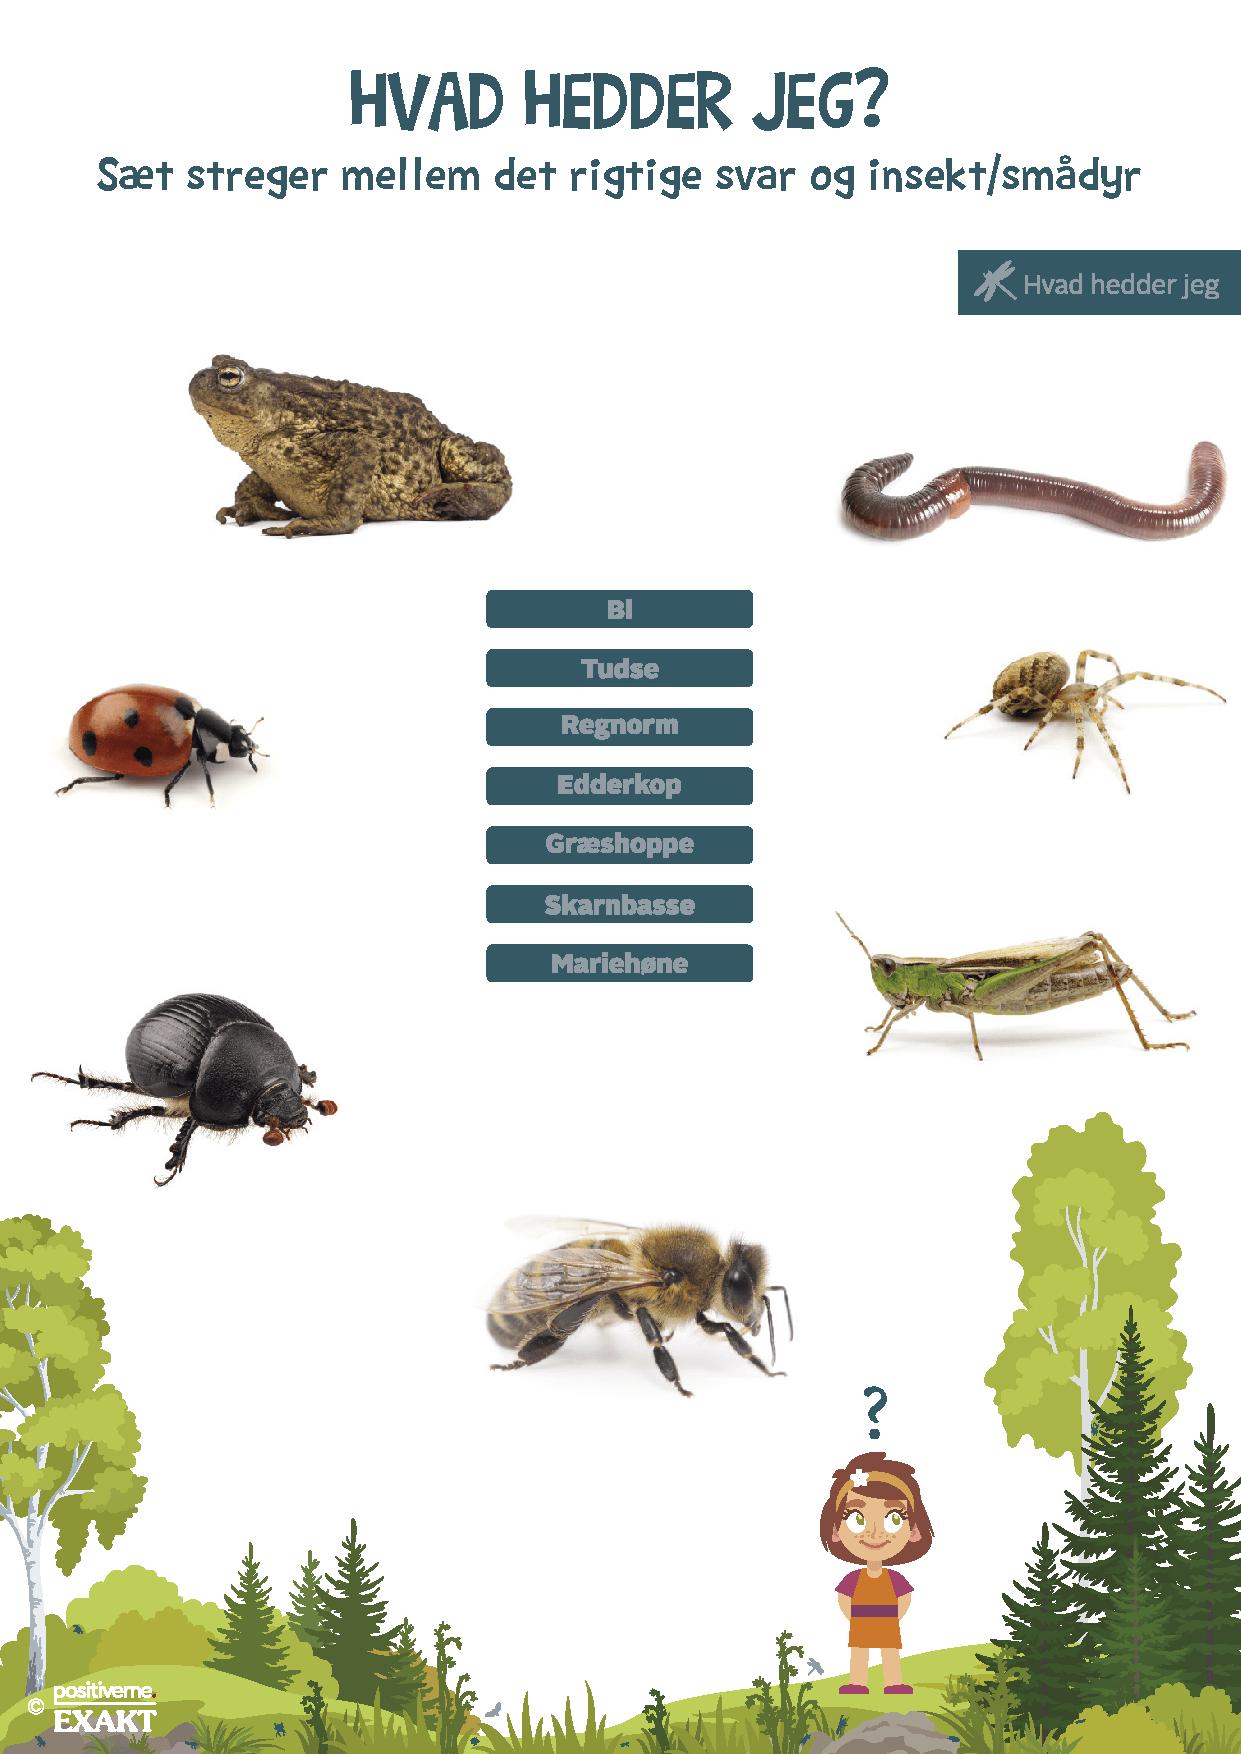 Insekter_og_smådyr_hvad_hedder_jeg_1